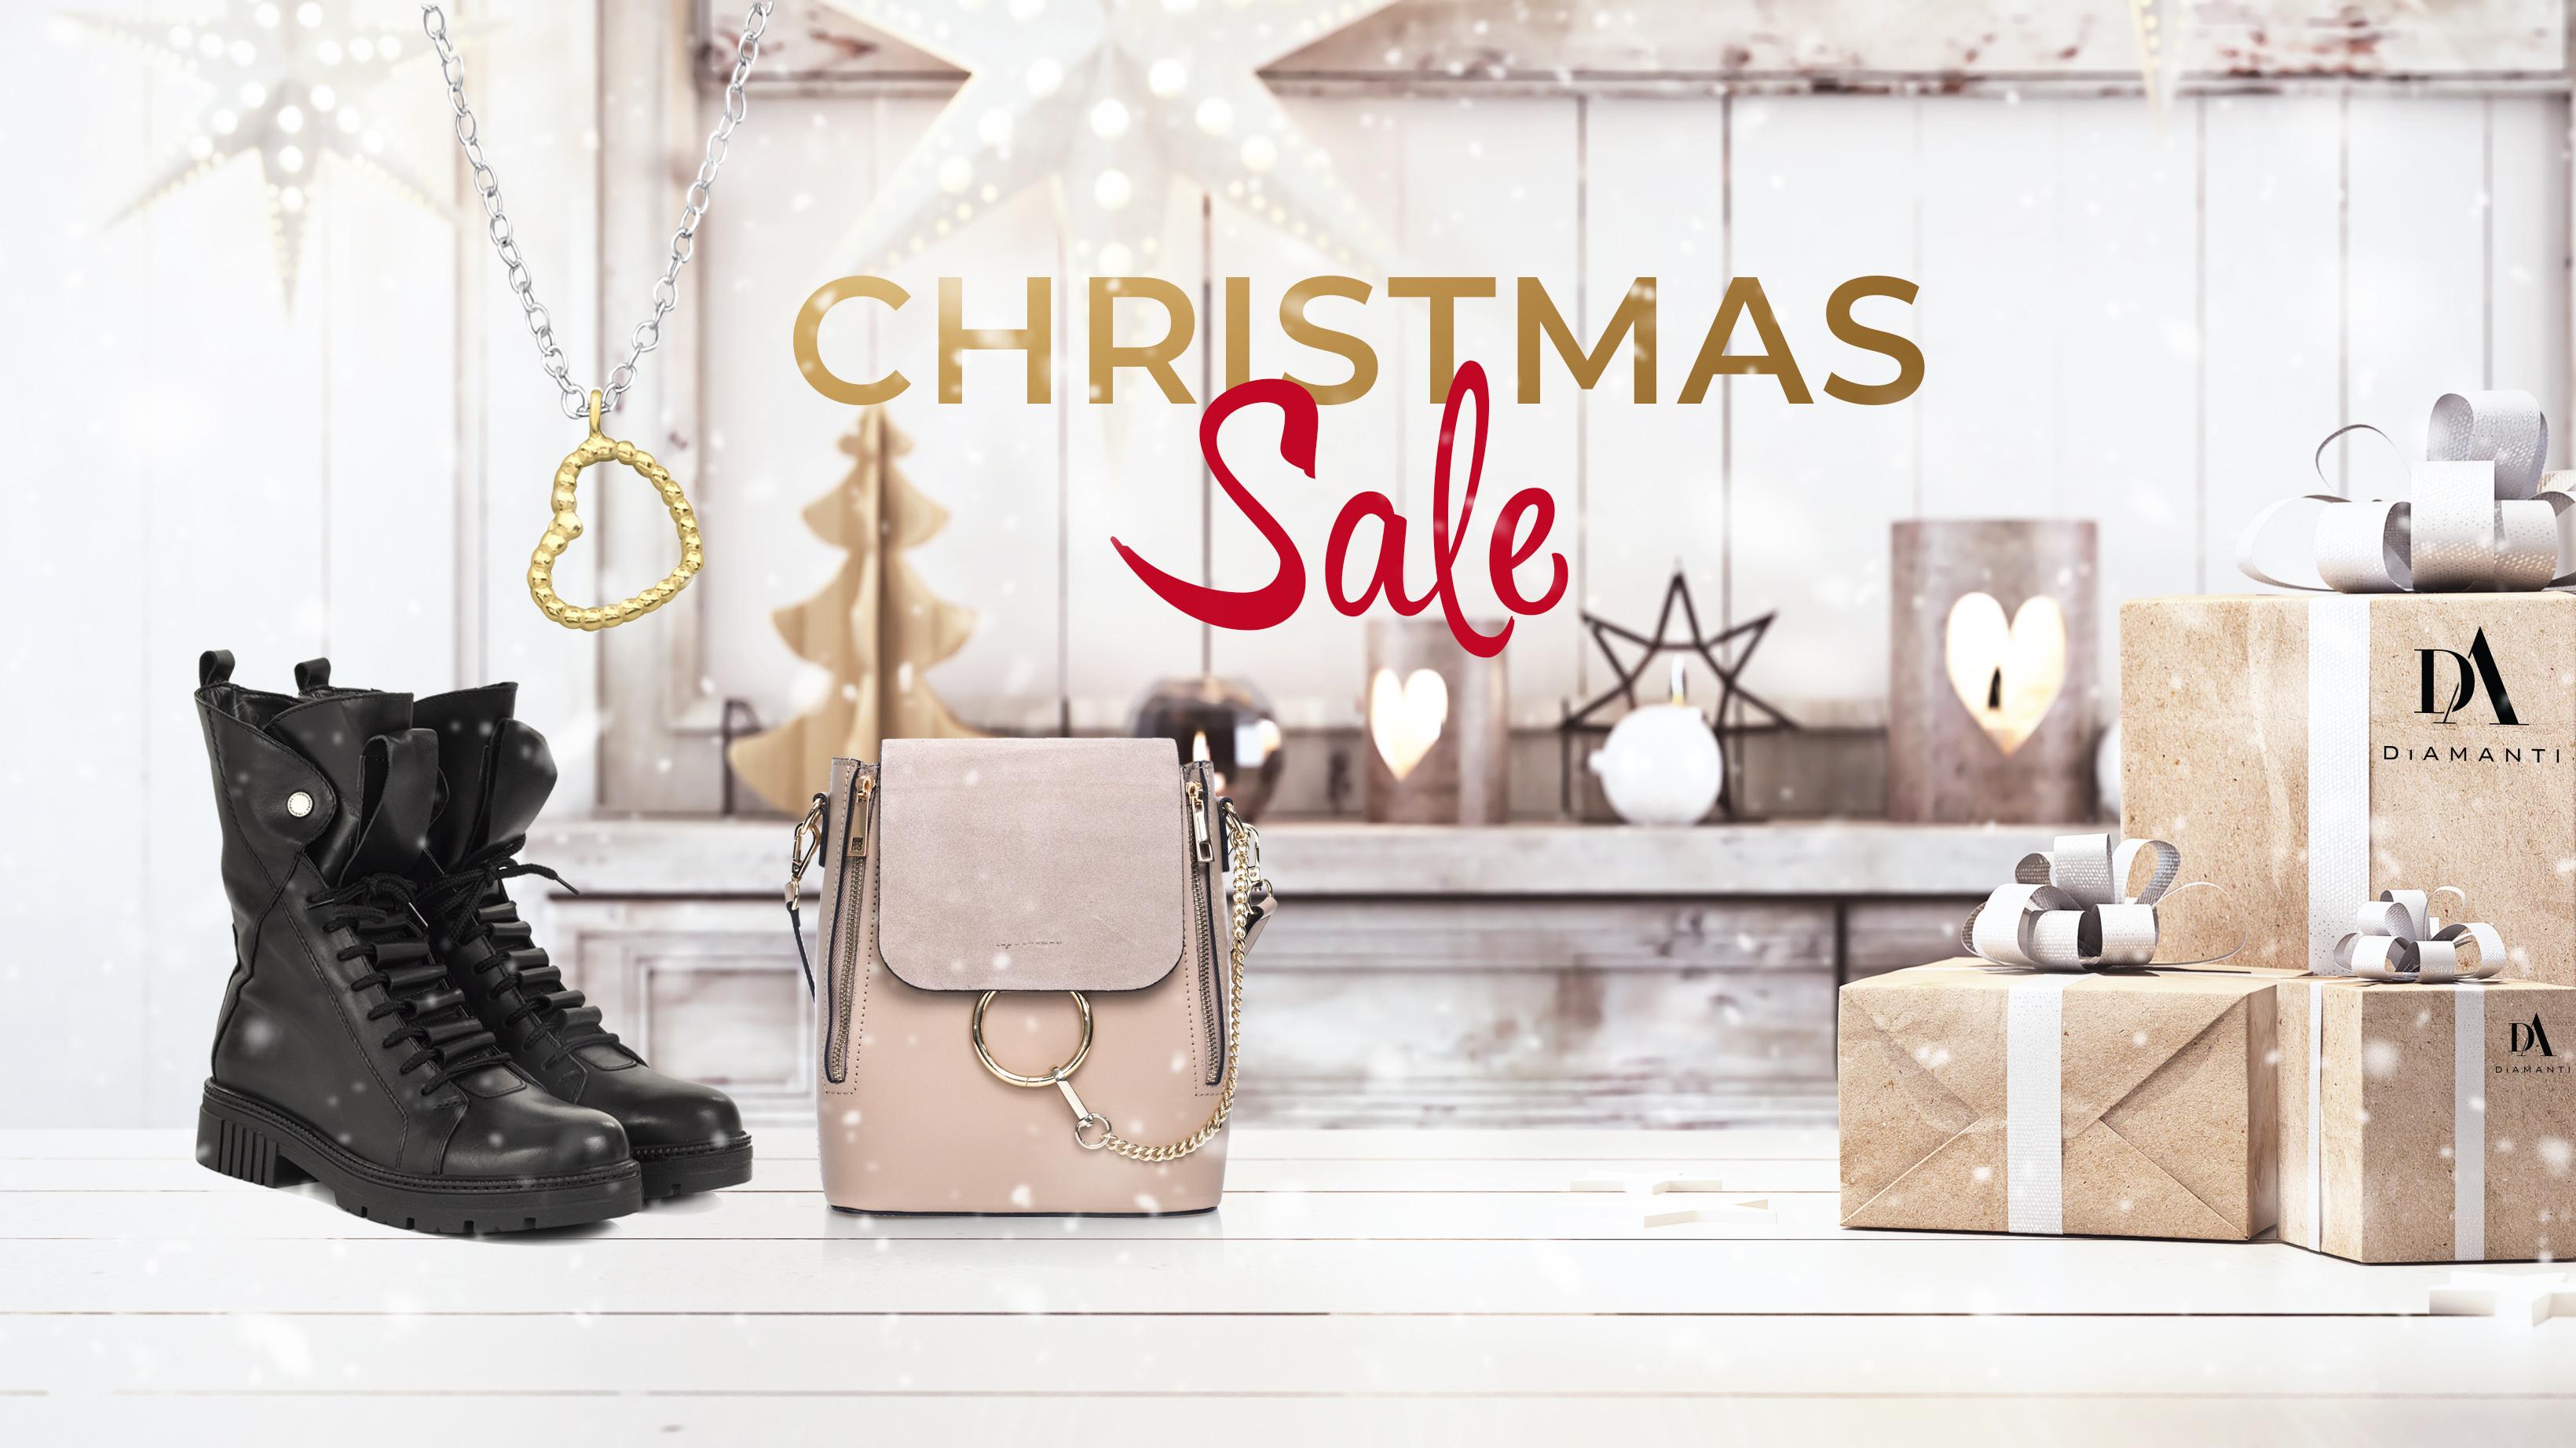 (P) Este Christmas Sale pe DiAmanti.ro. Comandă acum online genți, încălțăminte și bijuterii la prețuri excepționale!